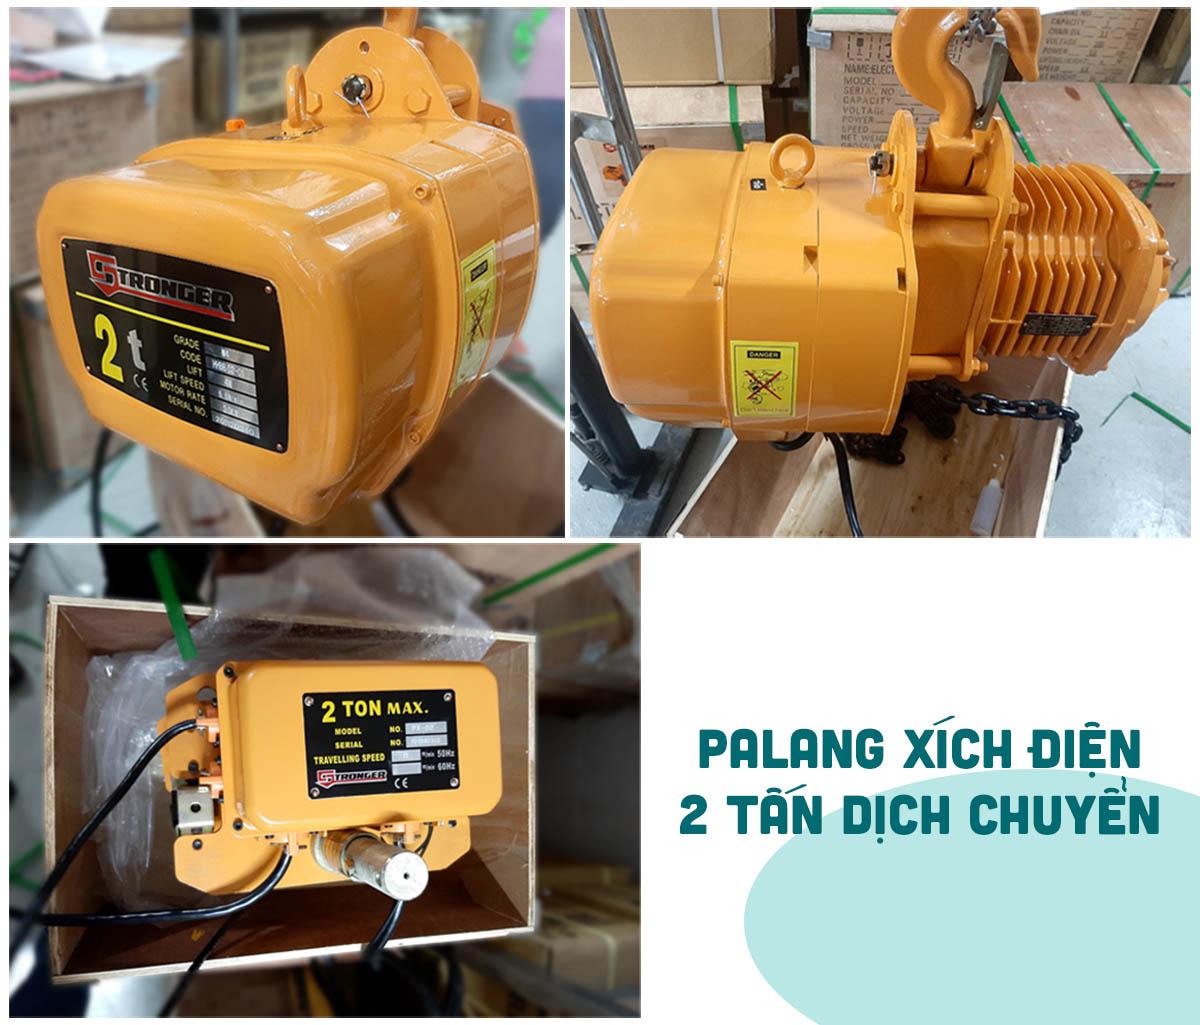 Palang xích điện 2 tấn Stronger dịch chuyển